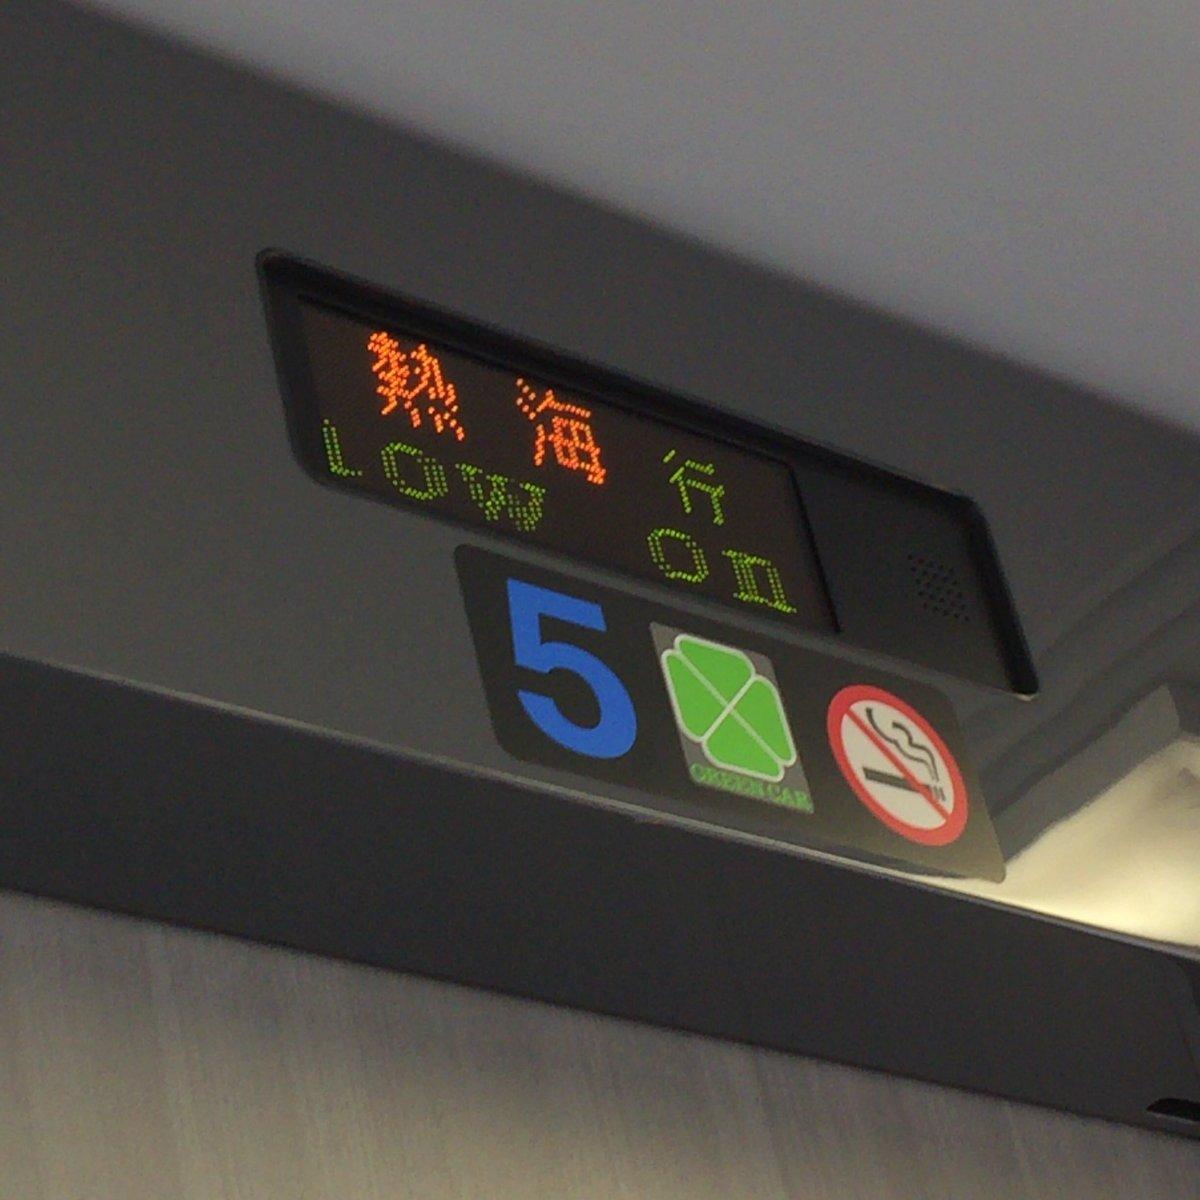 test ツイッターメディア - 乗務員急病で少し遅れた東京上野ラインのグリーン車に乗ってしもうた。熱海までは長いんや(´・ω・`) https://t.co/RLTNS5faWg